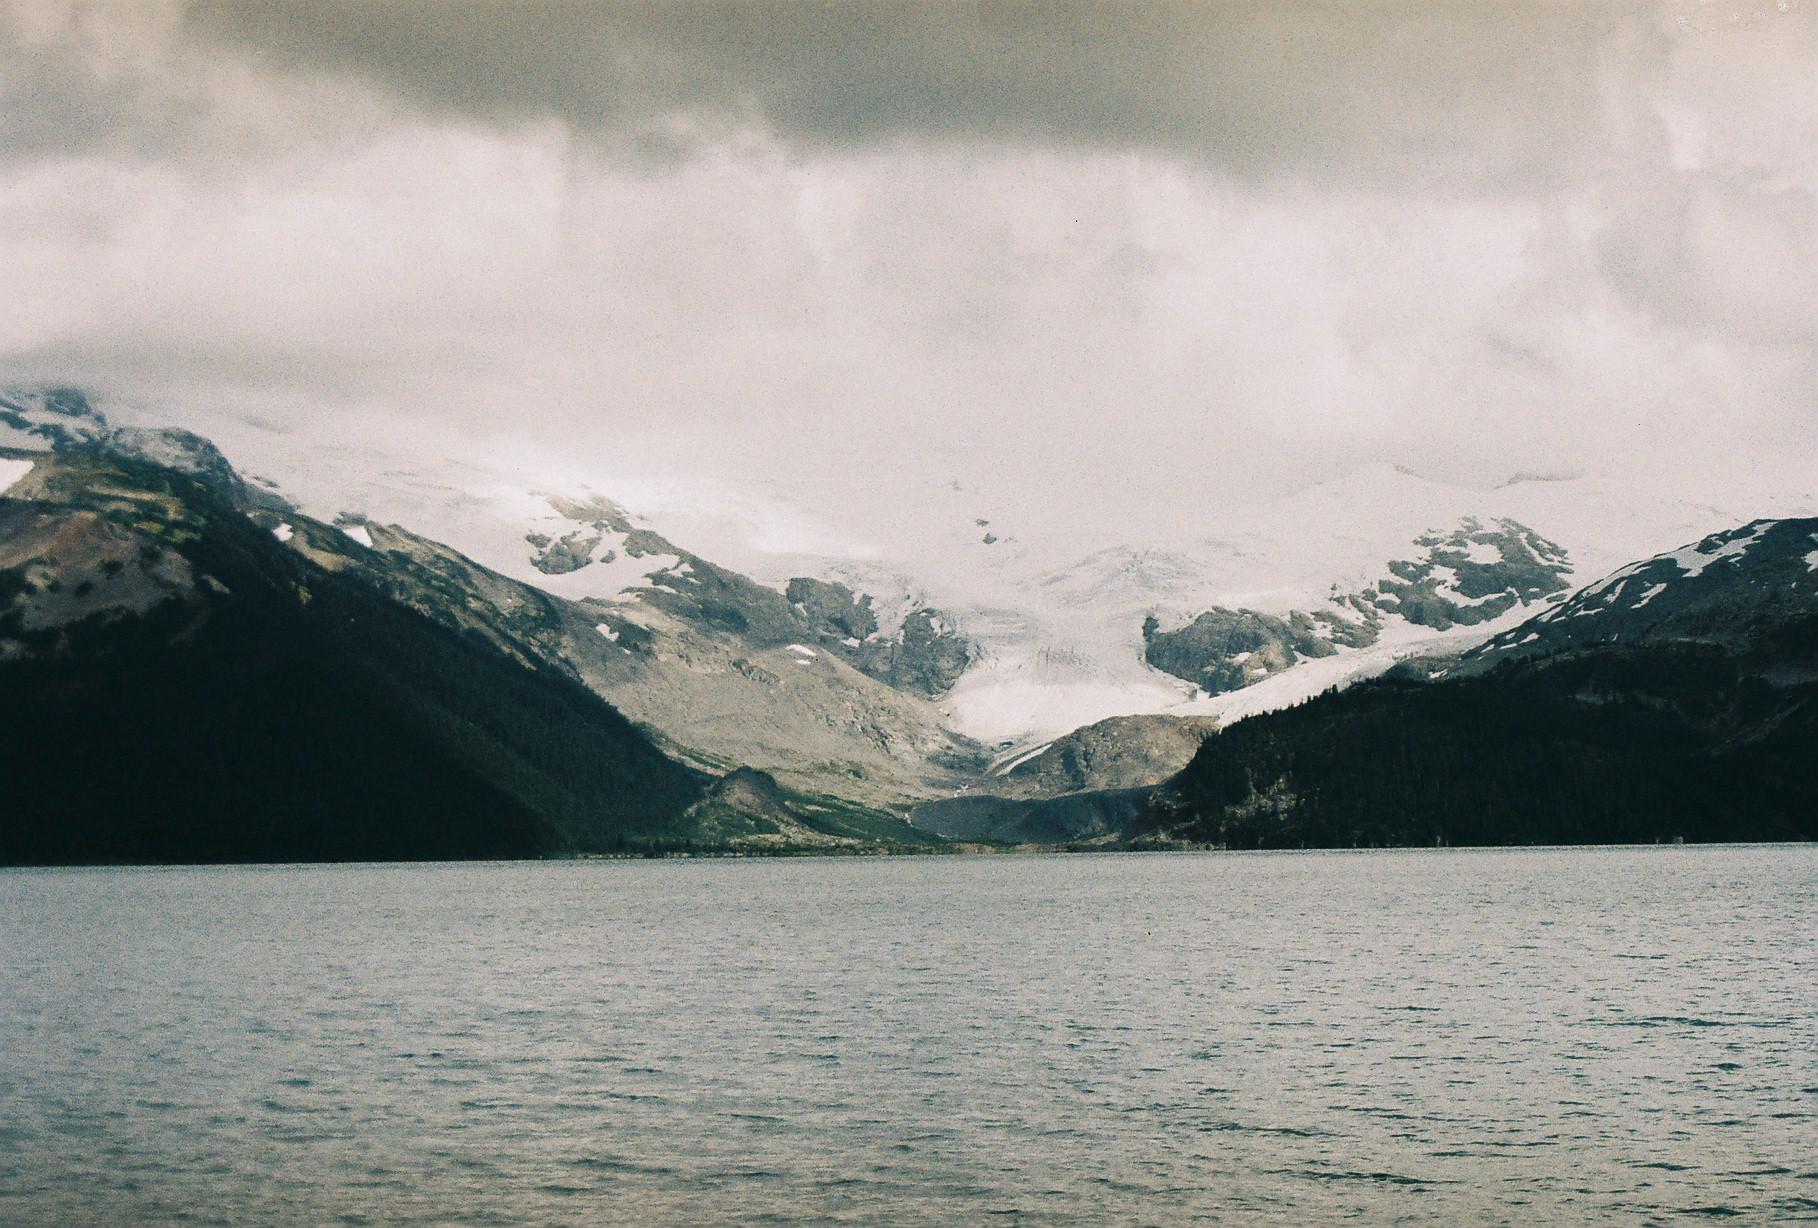 Kanadischer See vor Berglandschaft mit Schnee auf den Gipfeln